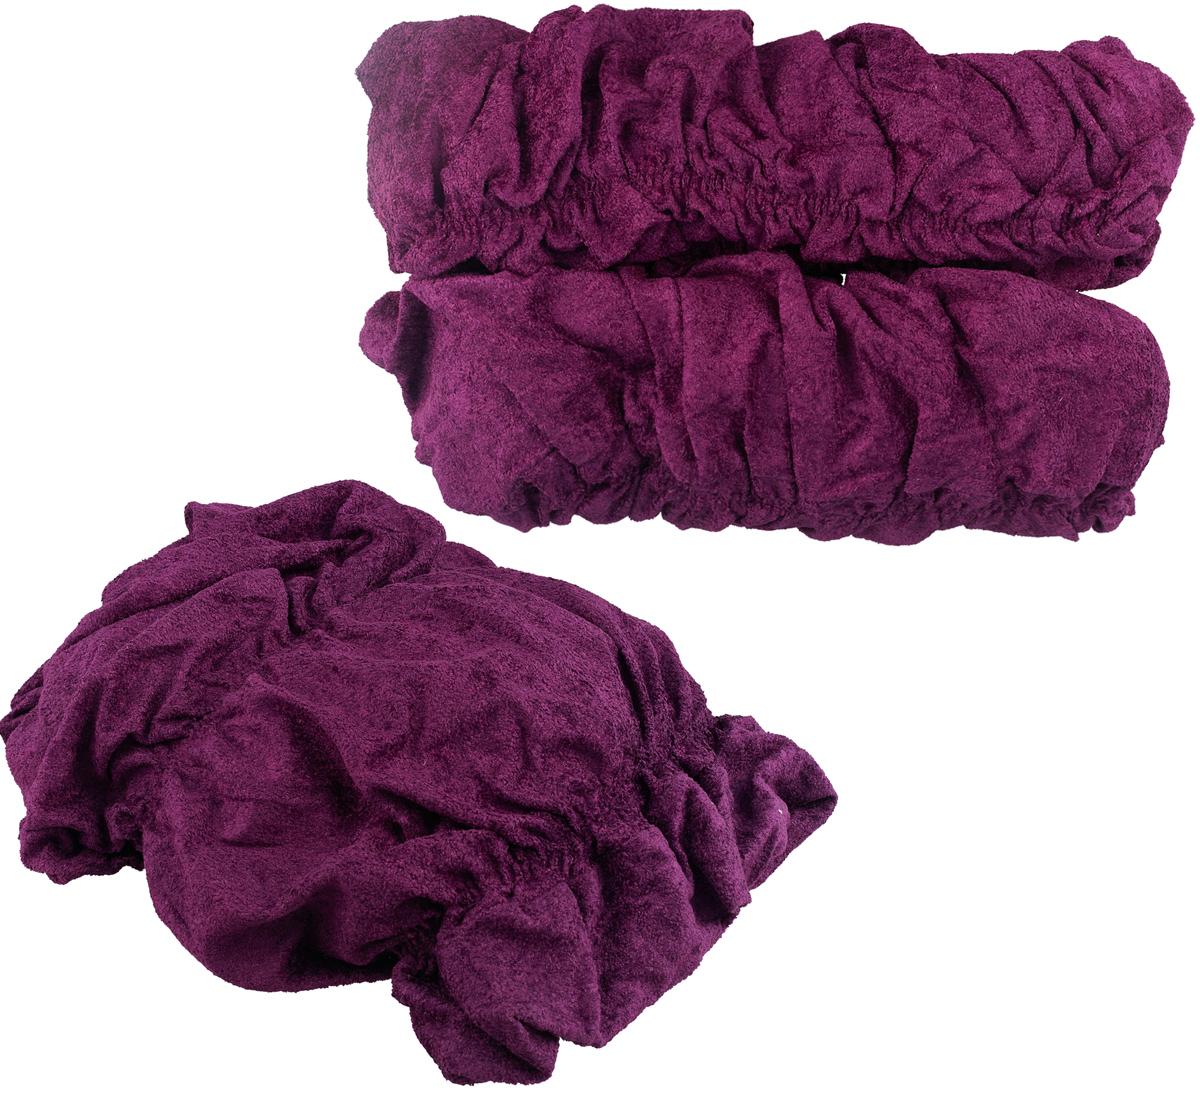 Набор чехлов МарТекс, для трехместного дивана и 2 кресел, цвет: фиолетовый. 05-0462-3 набор чехлов для мягкой мебели 3 предмета every 1799 char009